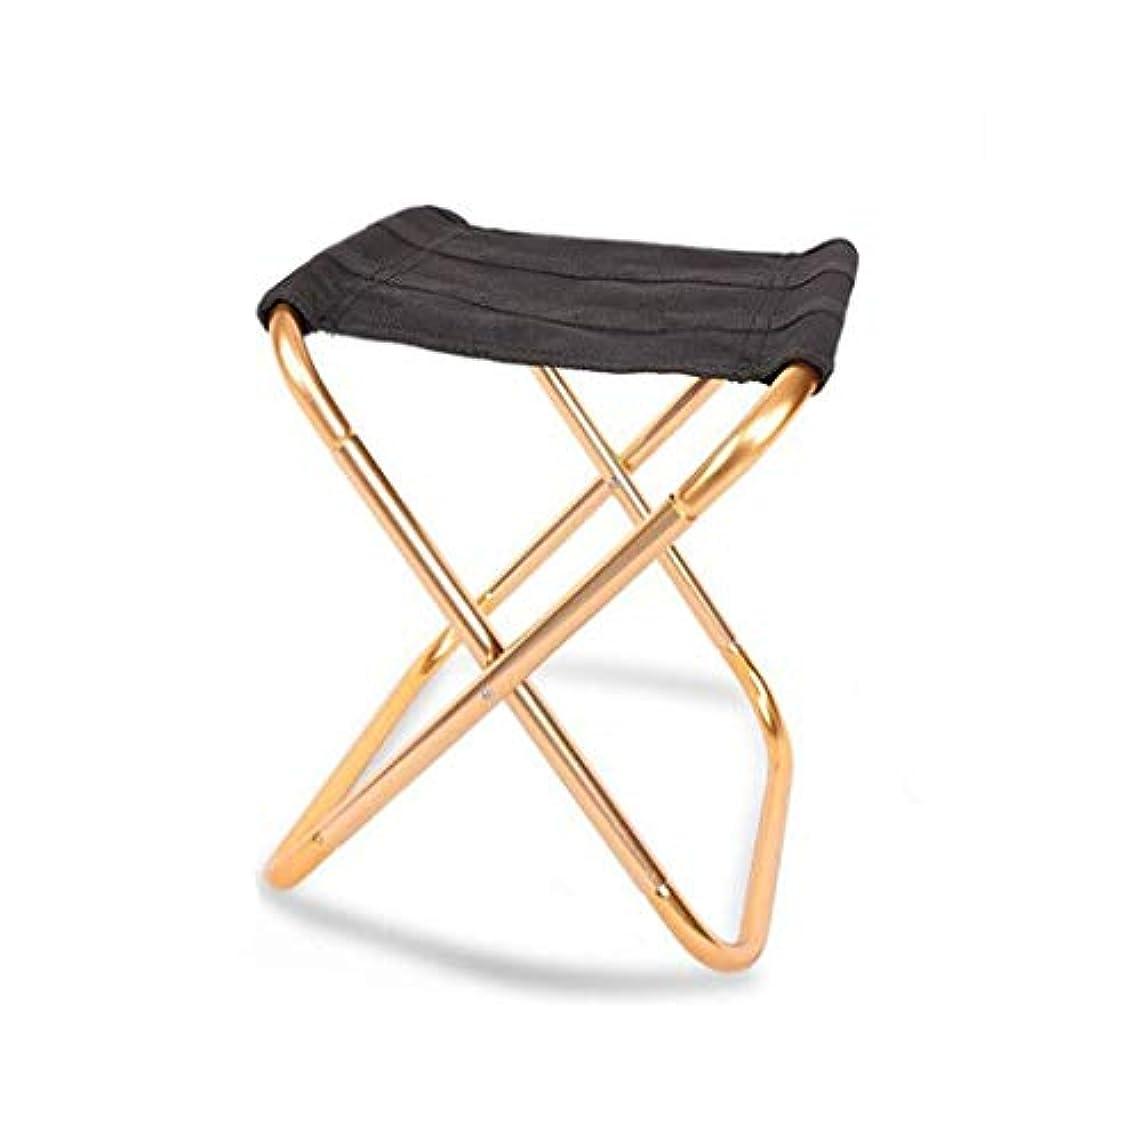 既婚征服する動かすNEVY ポータブル アウトドア 折りたたみ 椅子 アルミ合金 ブラケット コンパクト 超軽量 ミニスツール キャンプ用 釣り、2色 (色 : ゴールド)